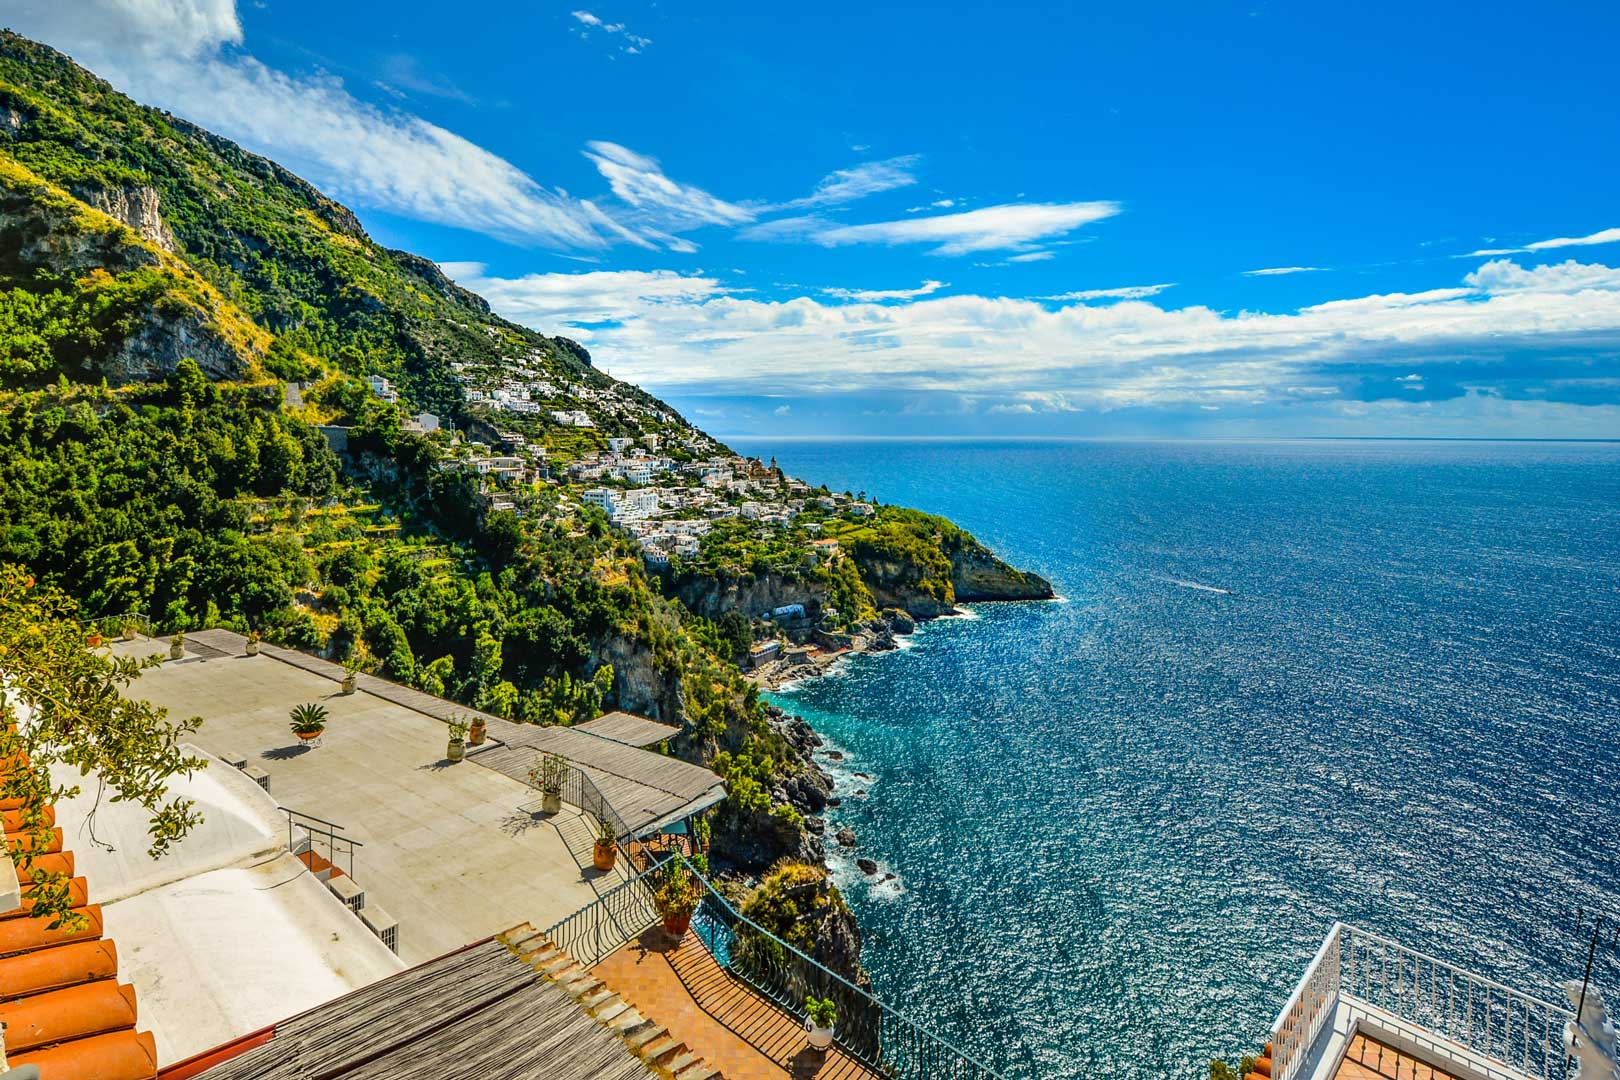 La magia dei luoghi più belli d'Italia